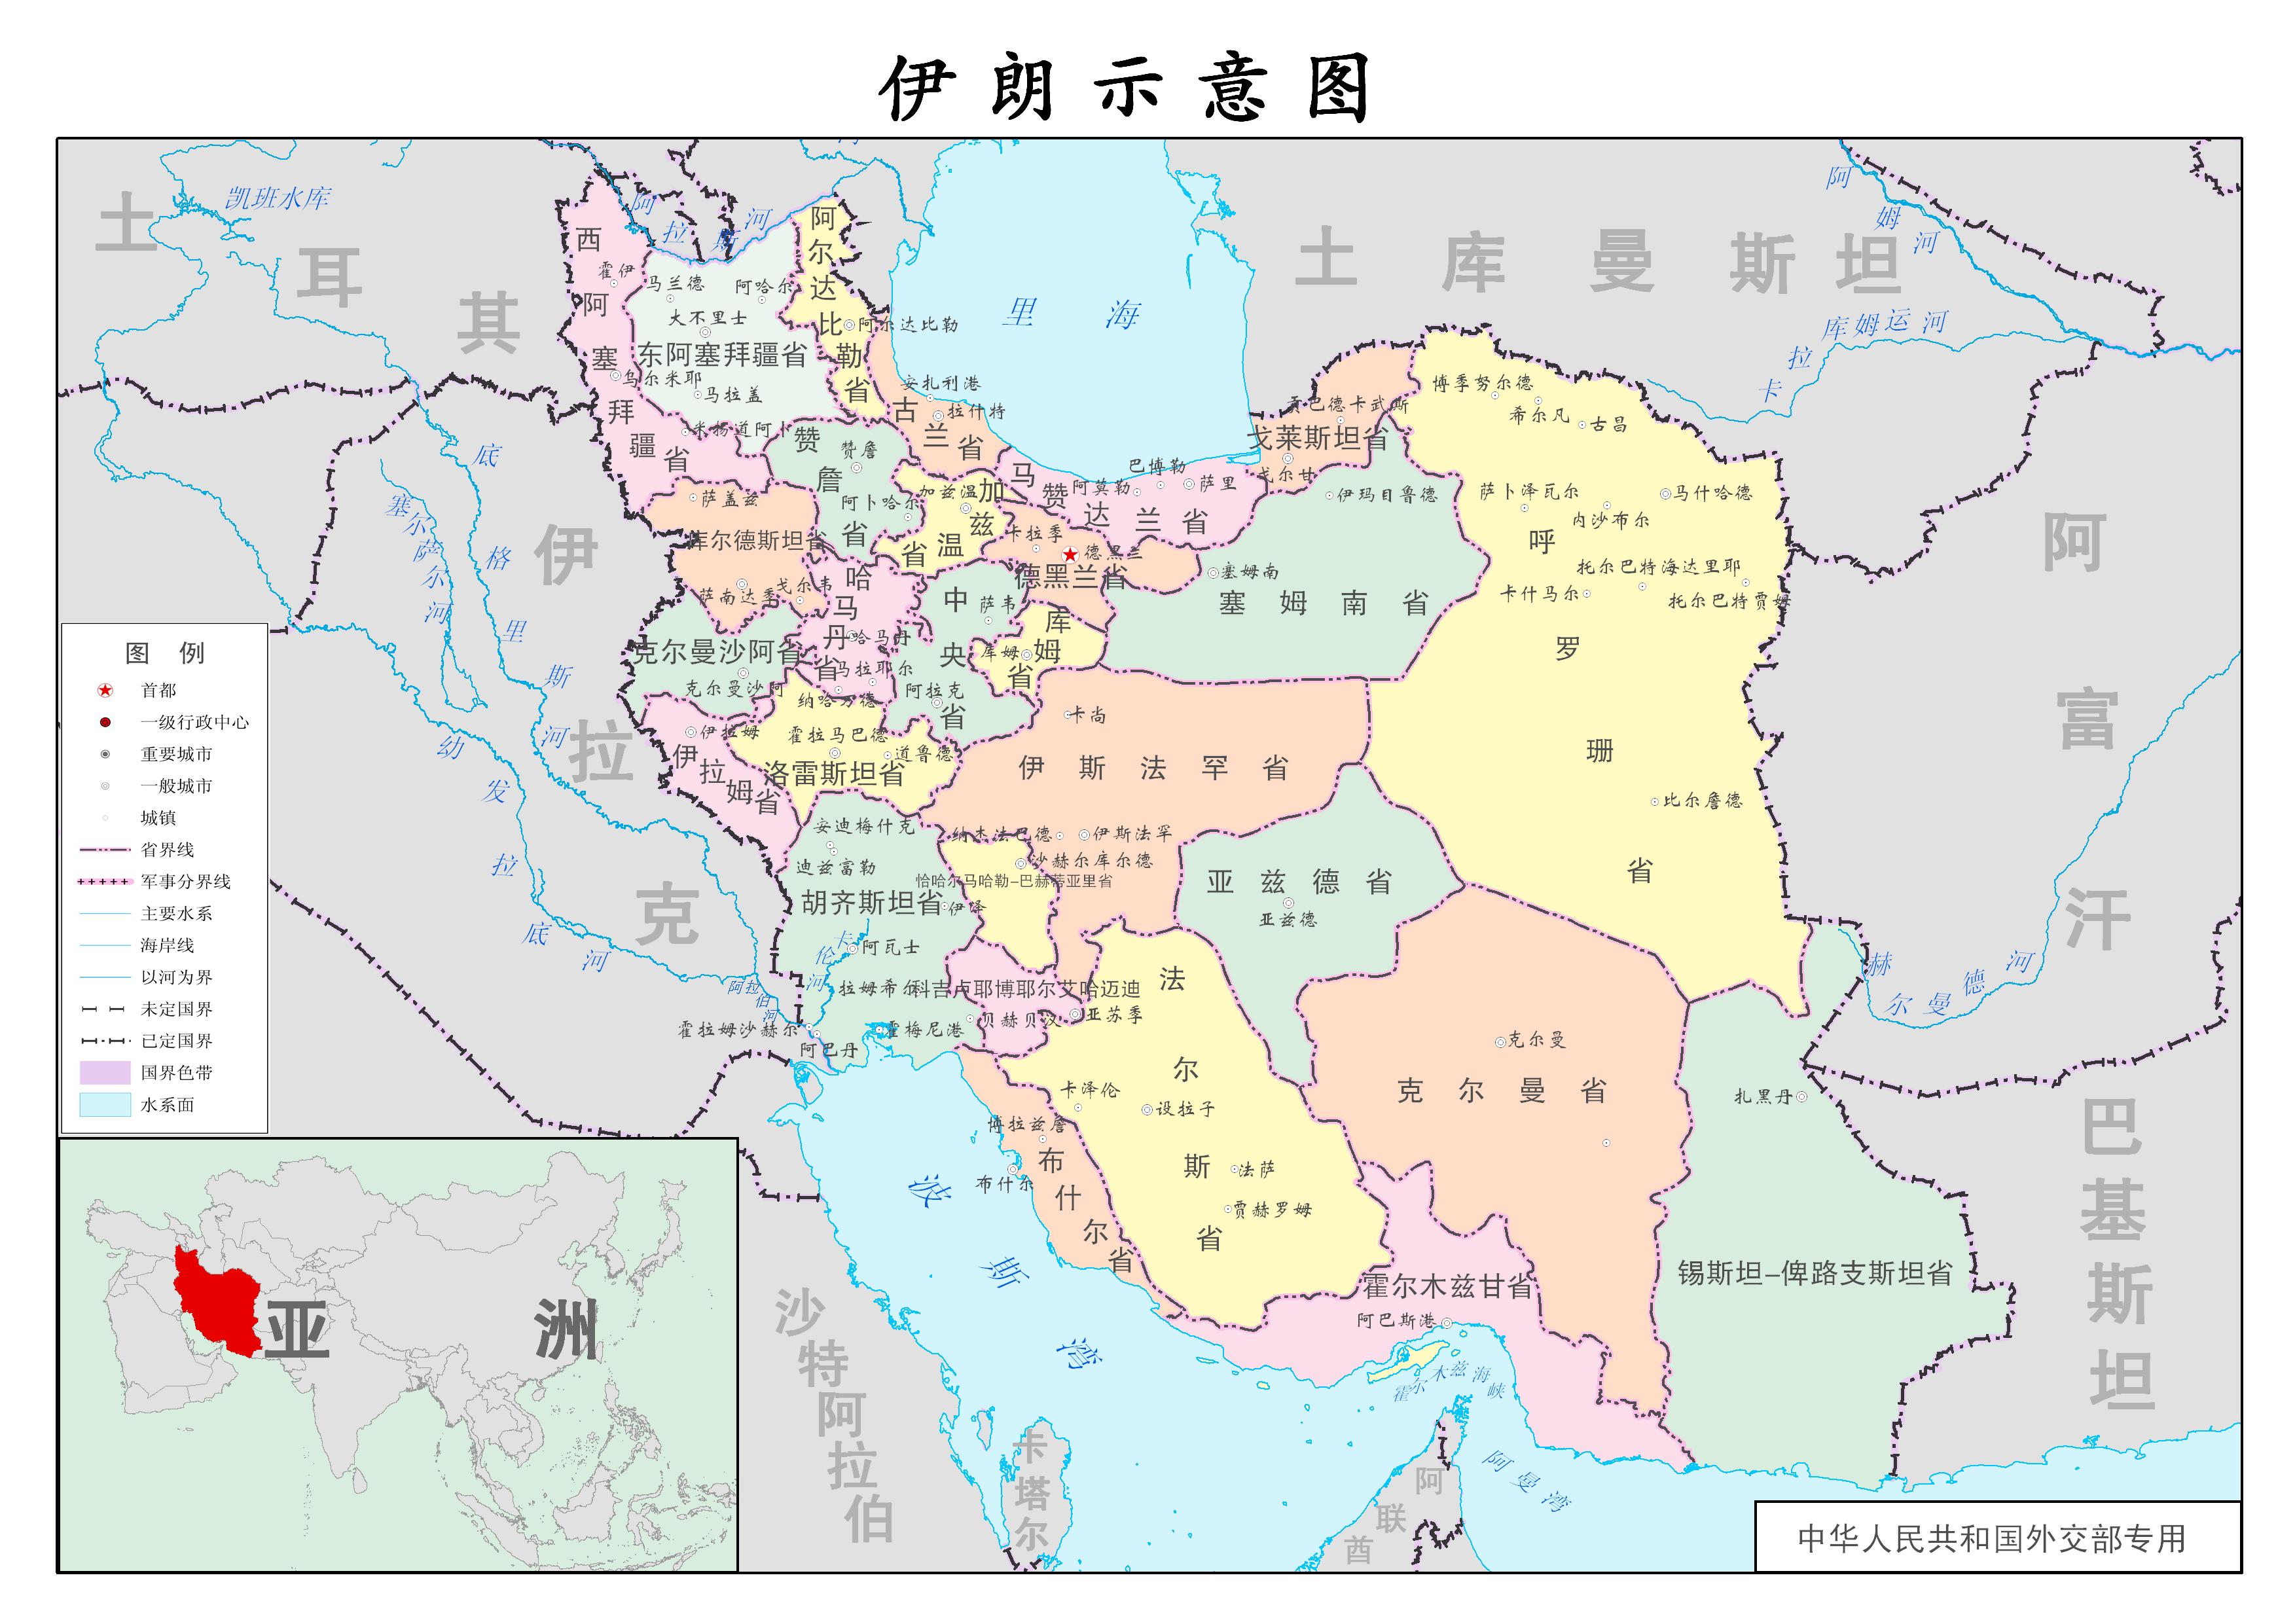 神秘伊朗电脑桌面高清壁纸1920x120016p世界地图中国具伊朗有多远